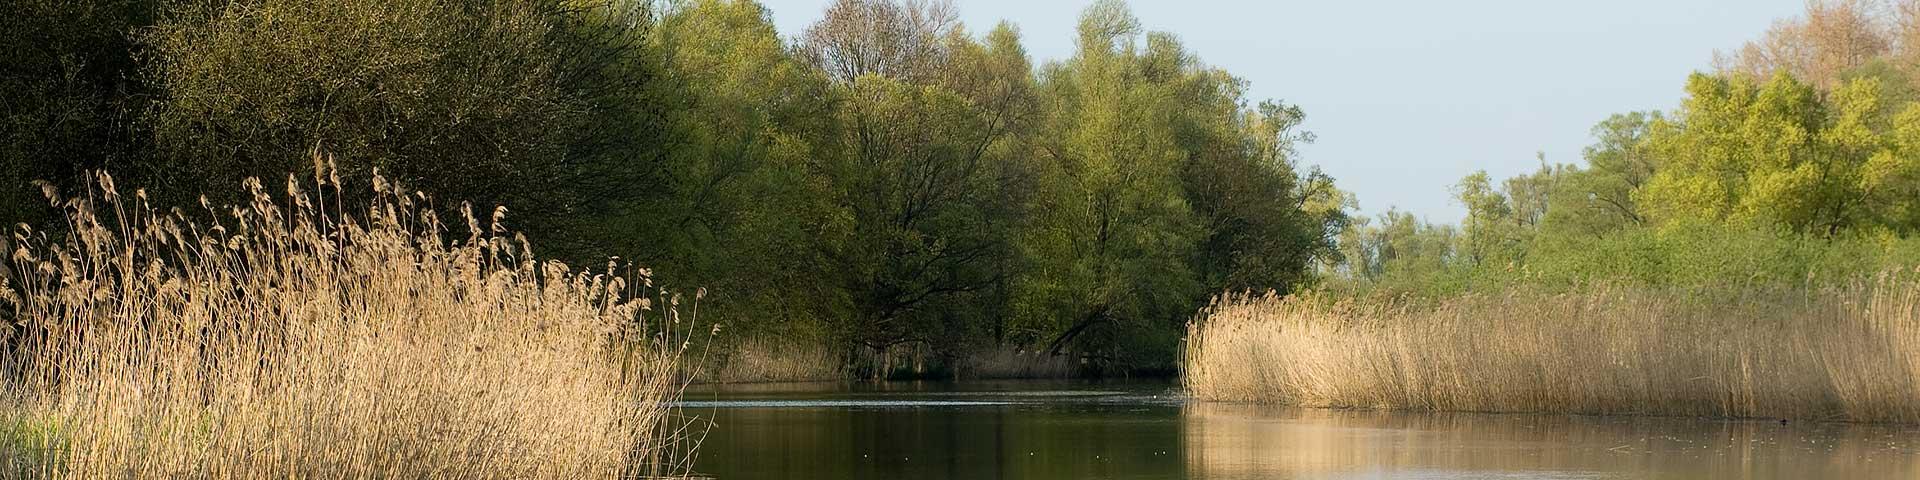 Sloep huren in de Biesbosch